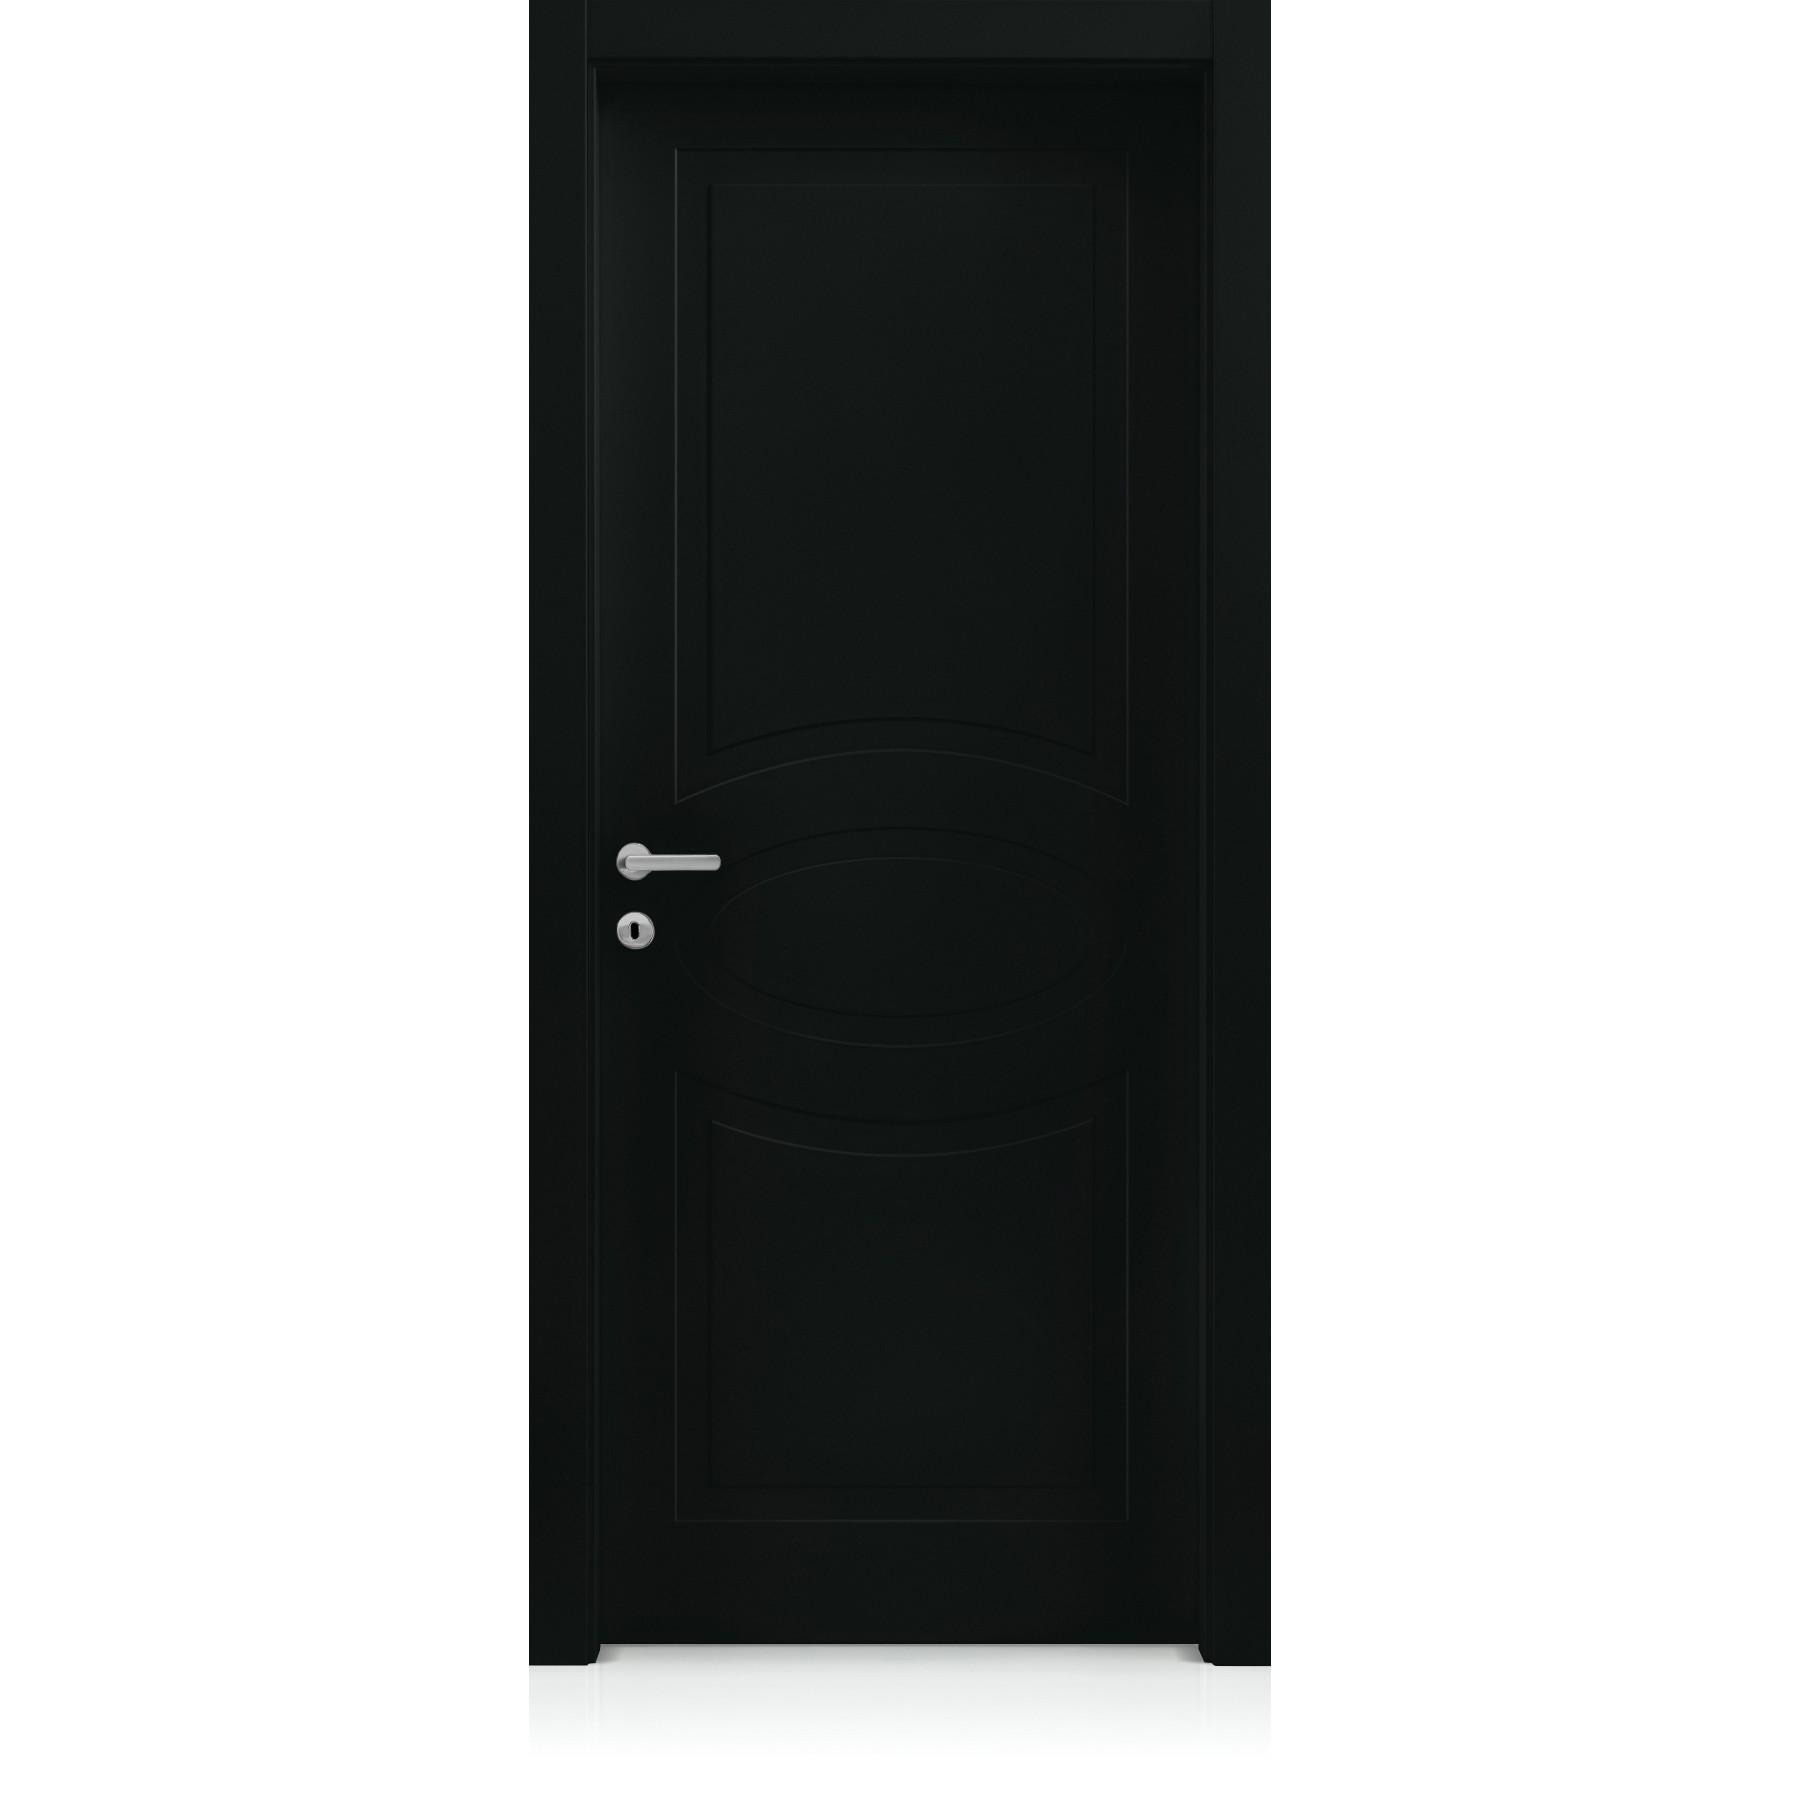 Porta Mixy / 8 Nero Profondo Laccato ULTRAopaco